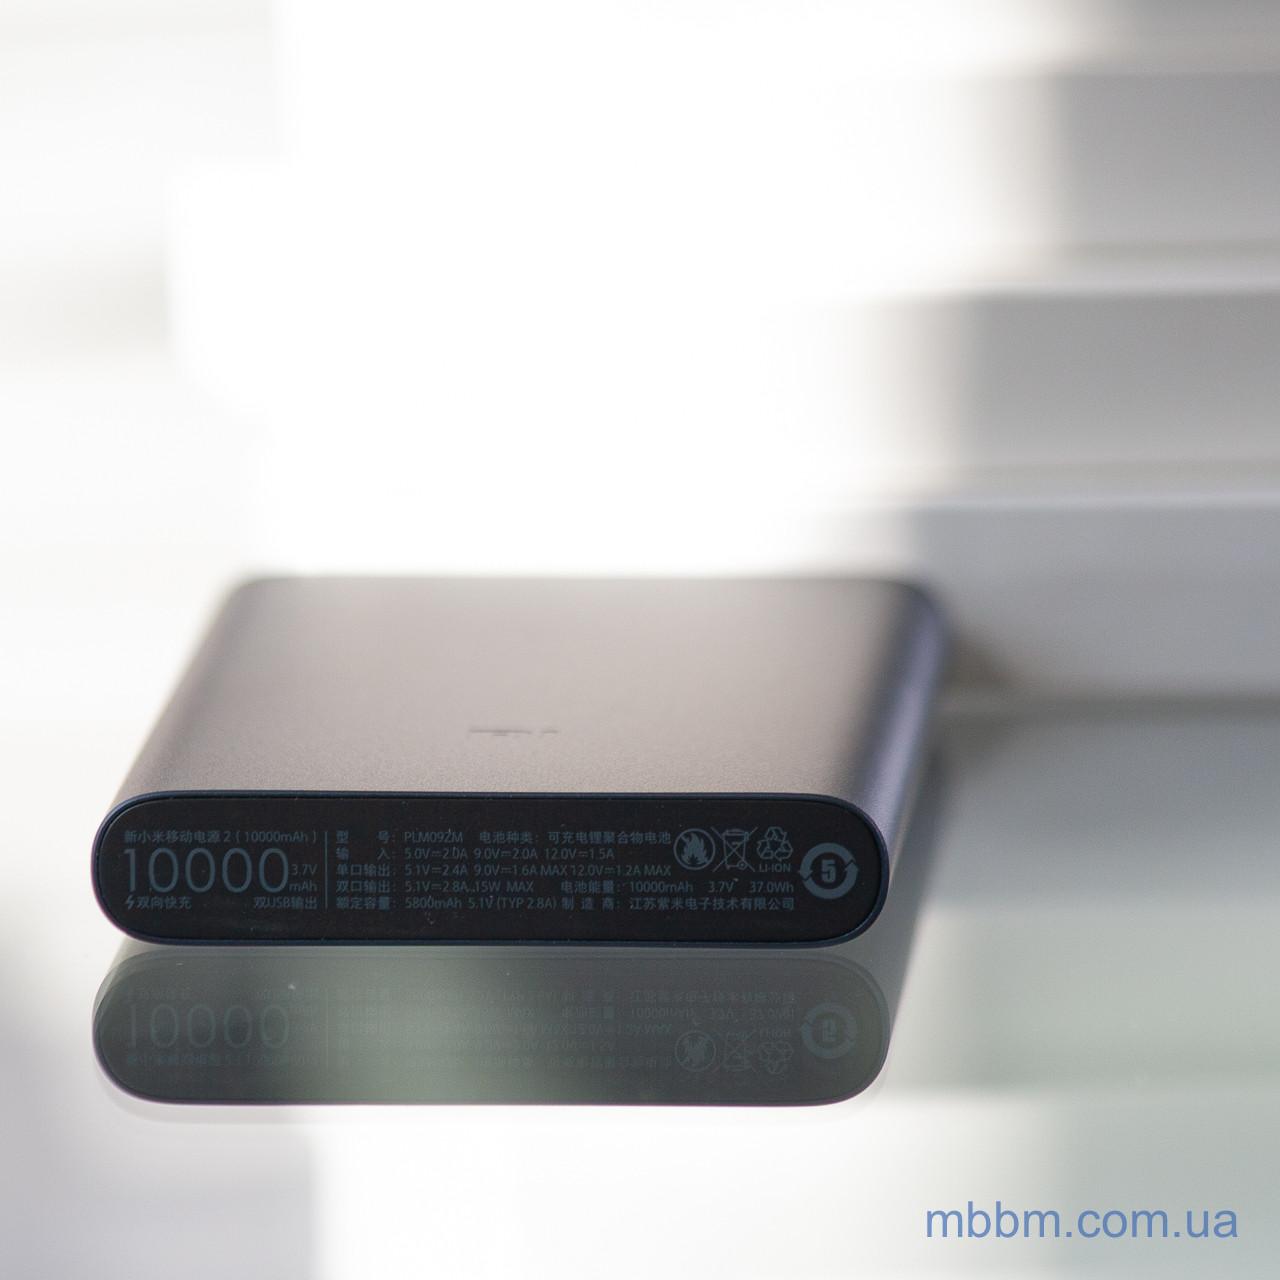 Портативные батареи Xiaomi Mi 2 10000 mAh XIAOMI Индикатор уровня заряда Алюминий Universal Черный